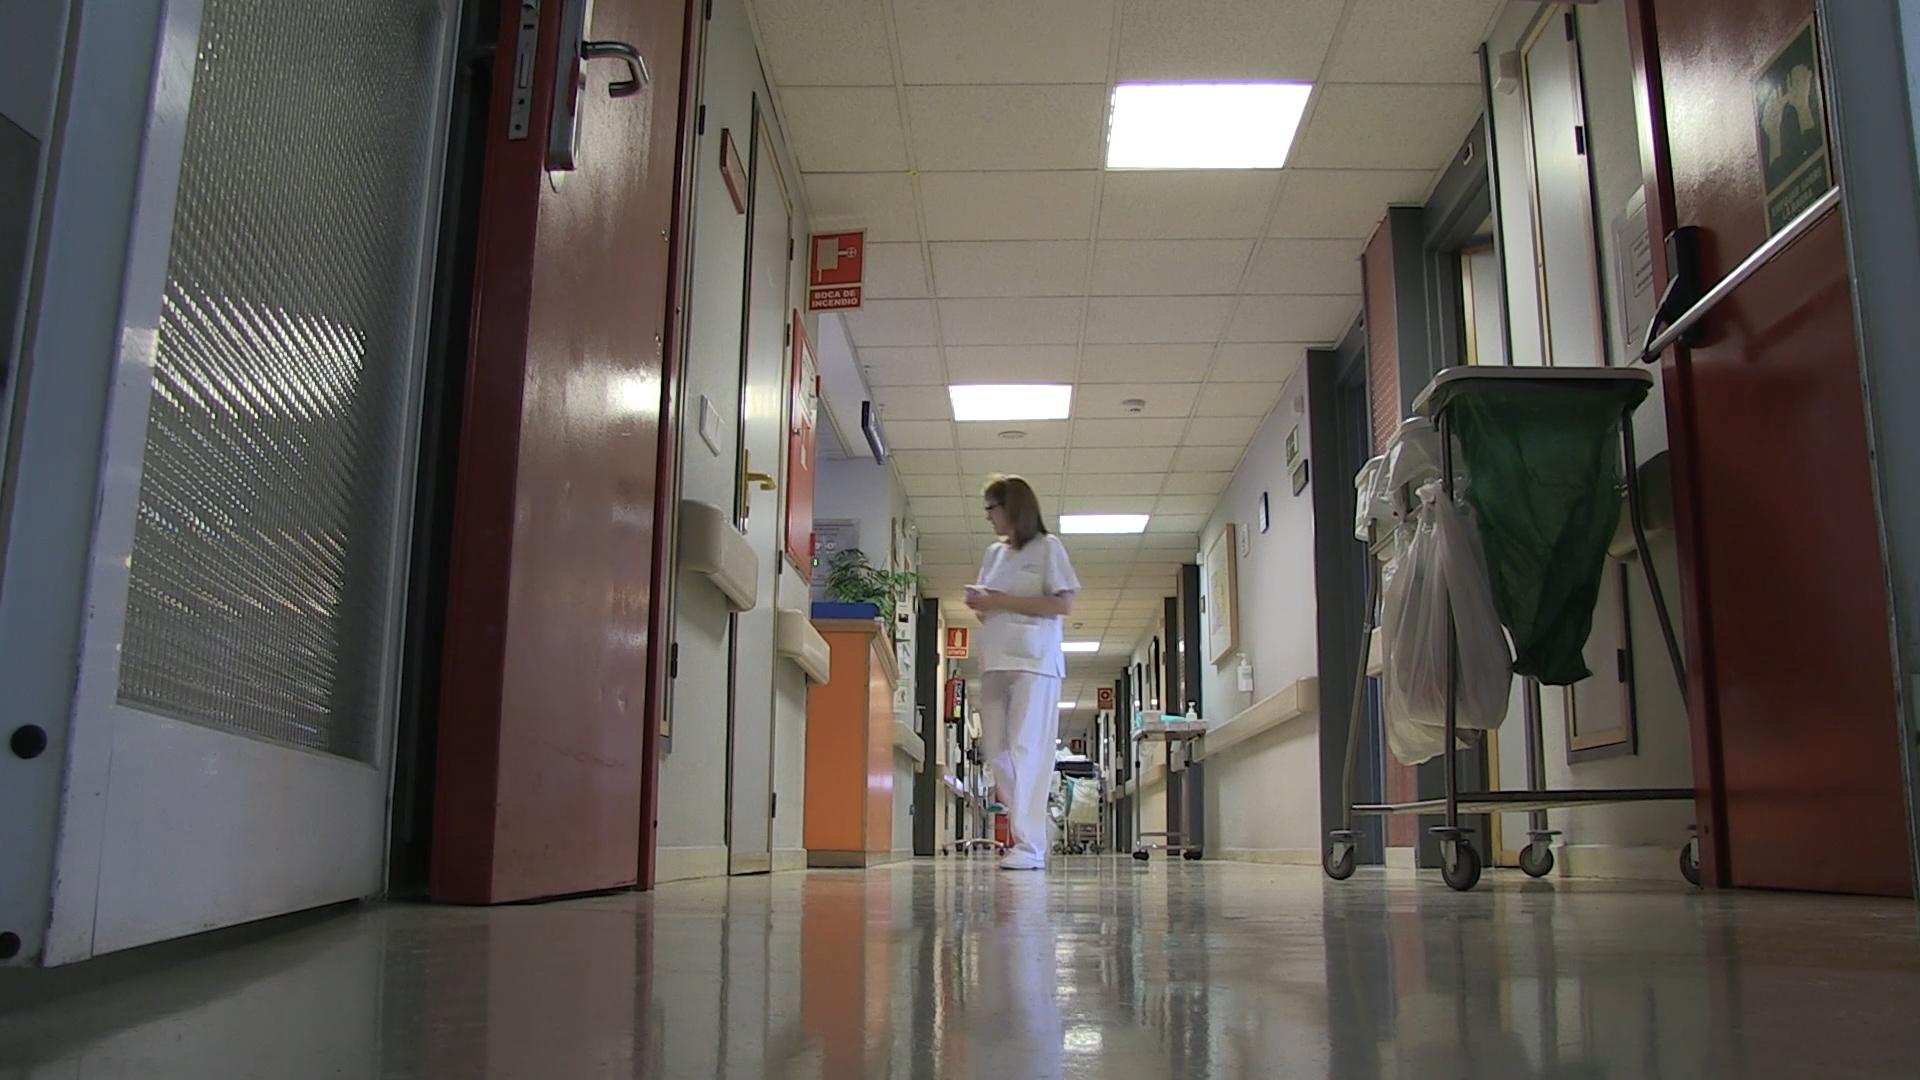 El consumo de antibióticos y una dieta alta en grasas empeora las infecciones adquiridas en el hospital